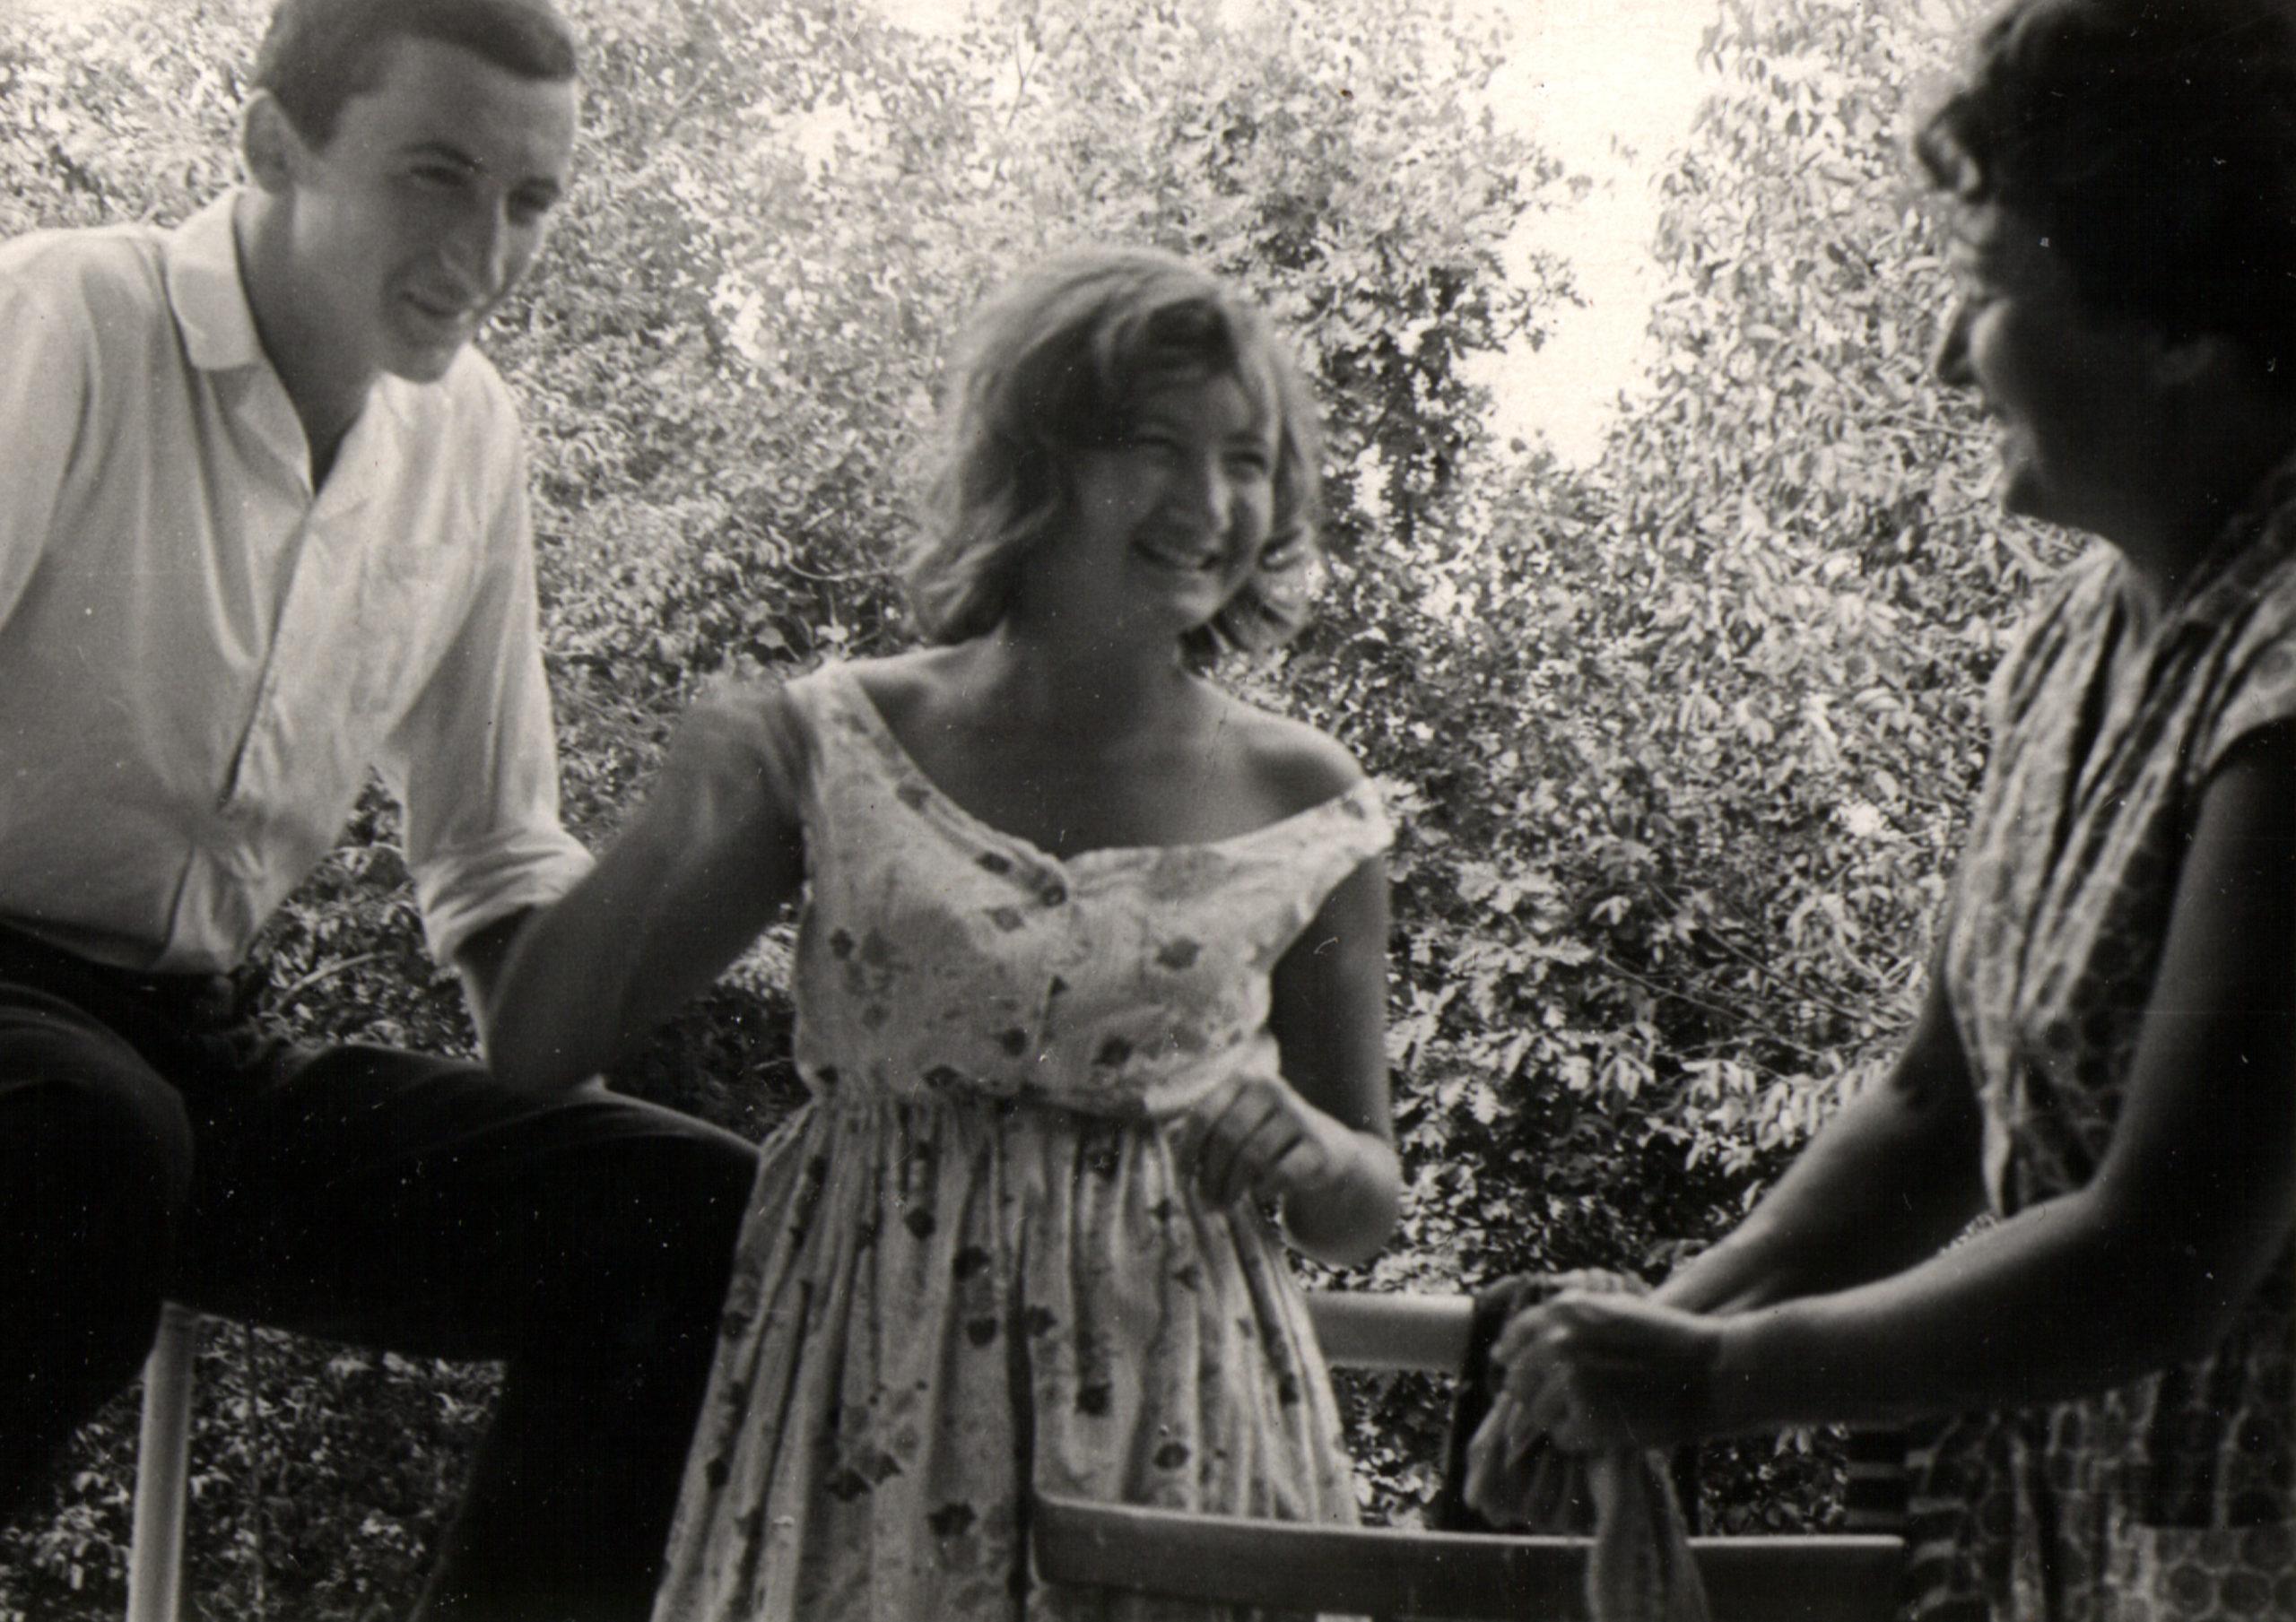 Berta Zelbert with her children: Evgeniy Gorelik and Olga Gorelik